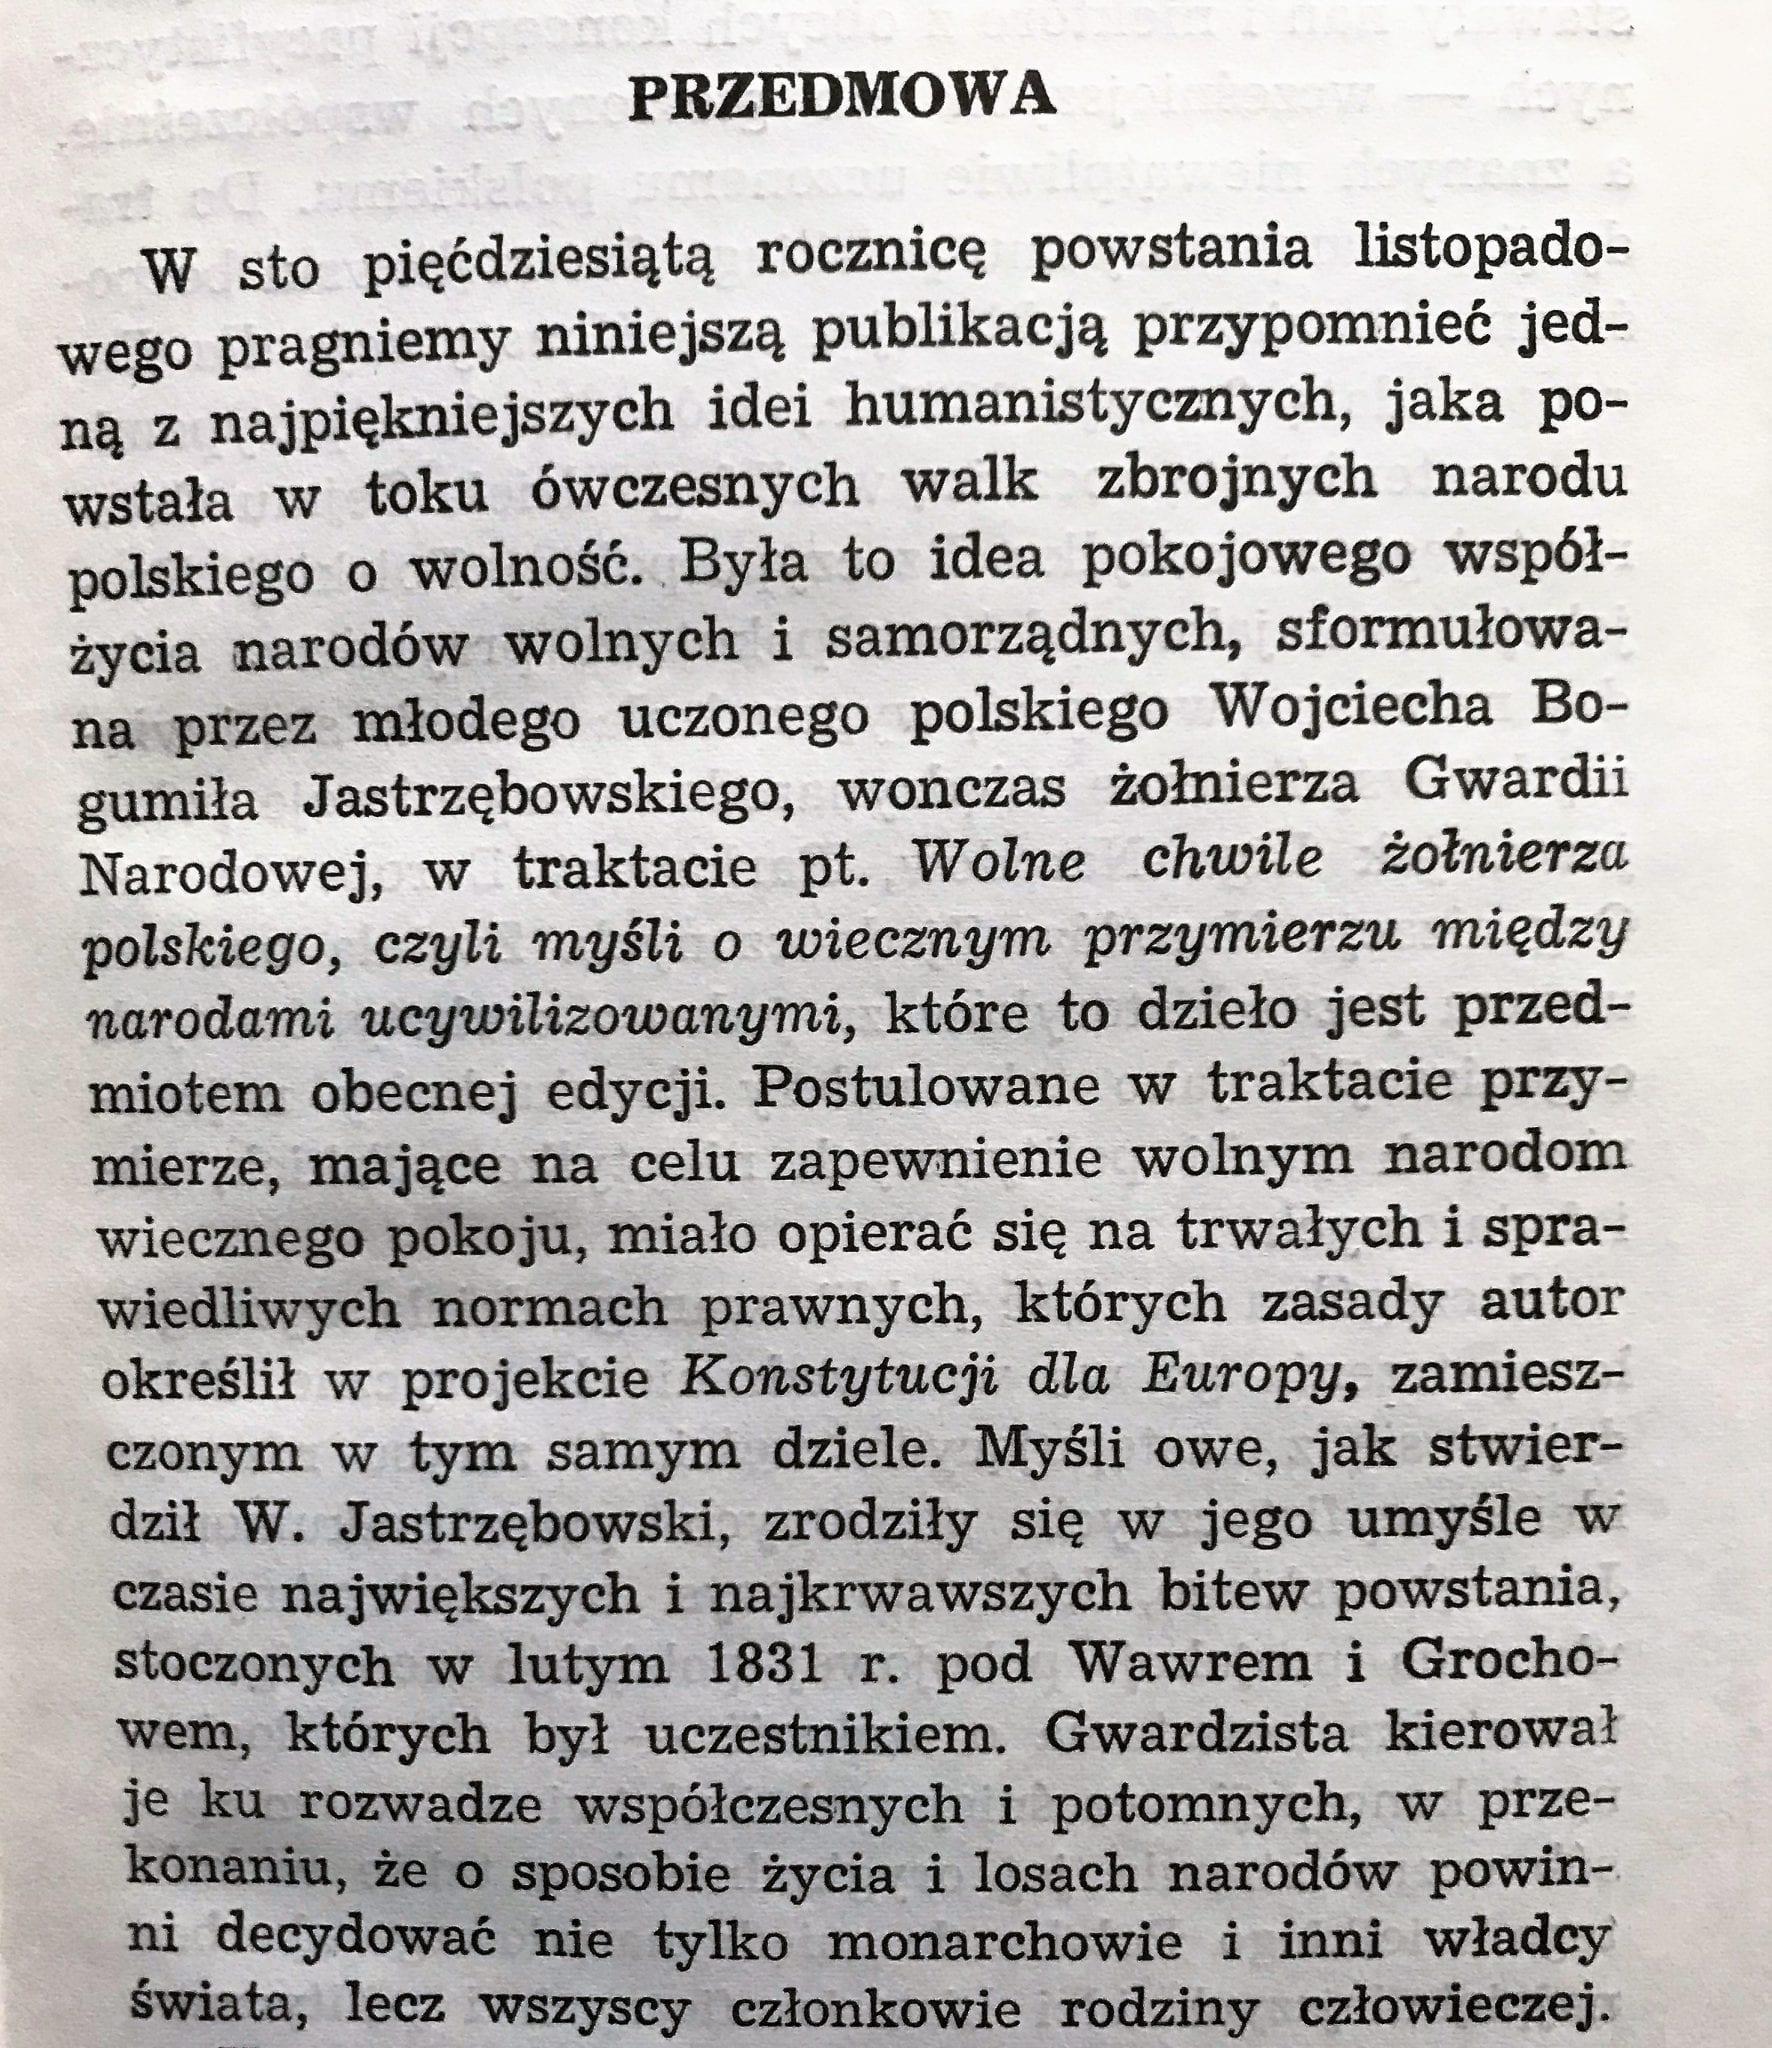 Jastrzębowski